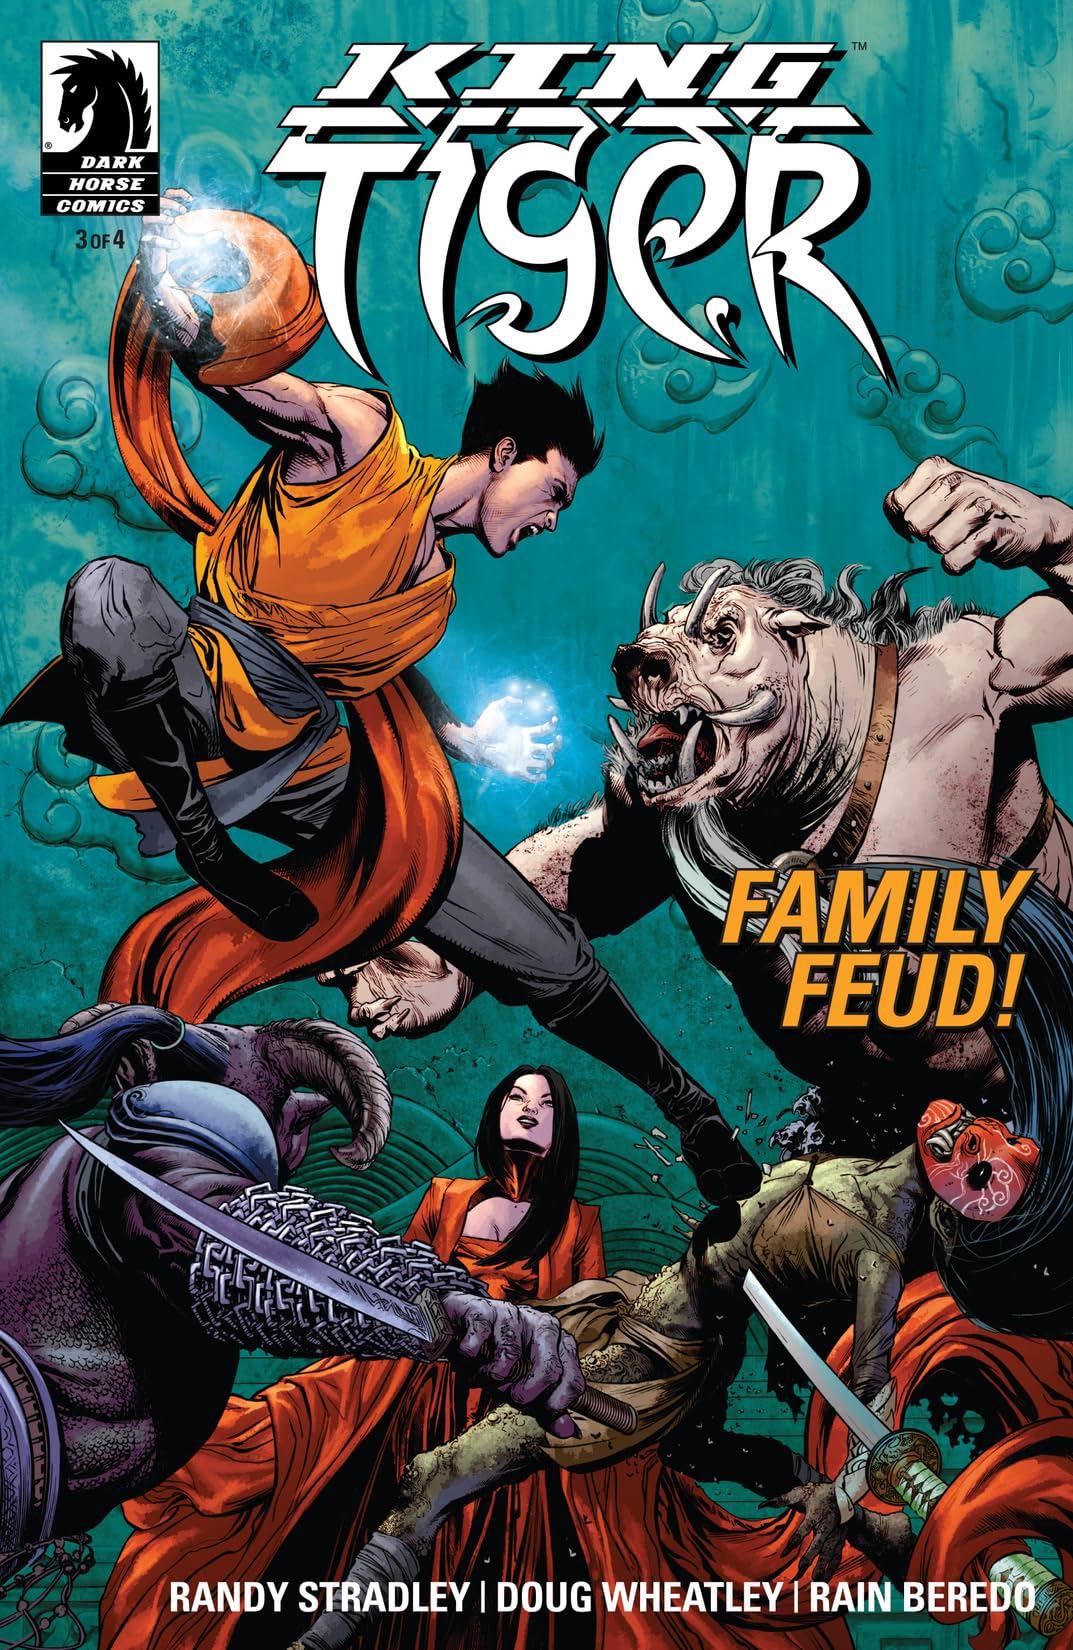 King Tiger #3